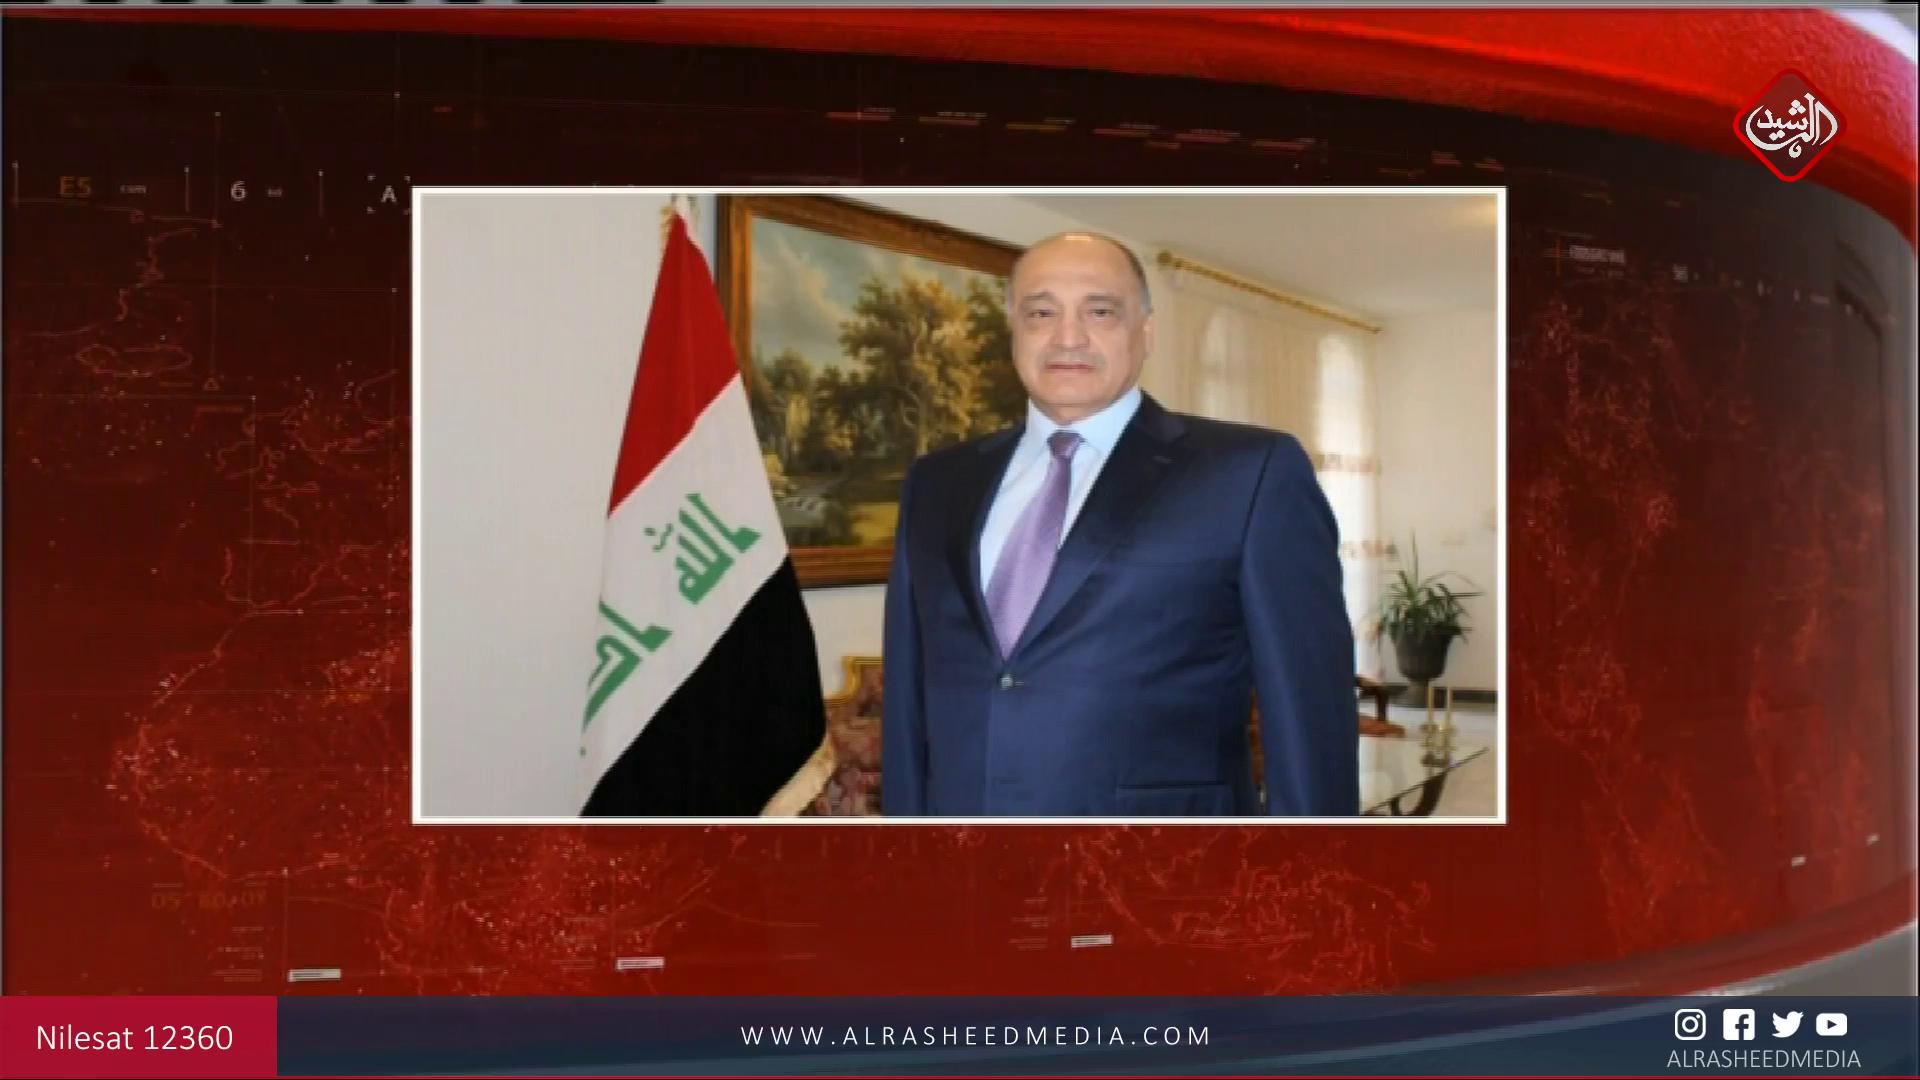 الاستاذ سعد عاصم الجنابي يهنئ الشعب العراقي والمسلمين في العالم بحلول عيد الاضحى المبارك